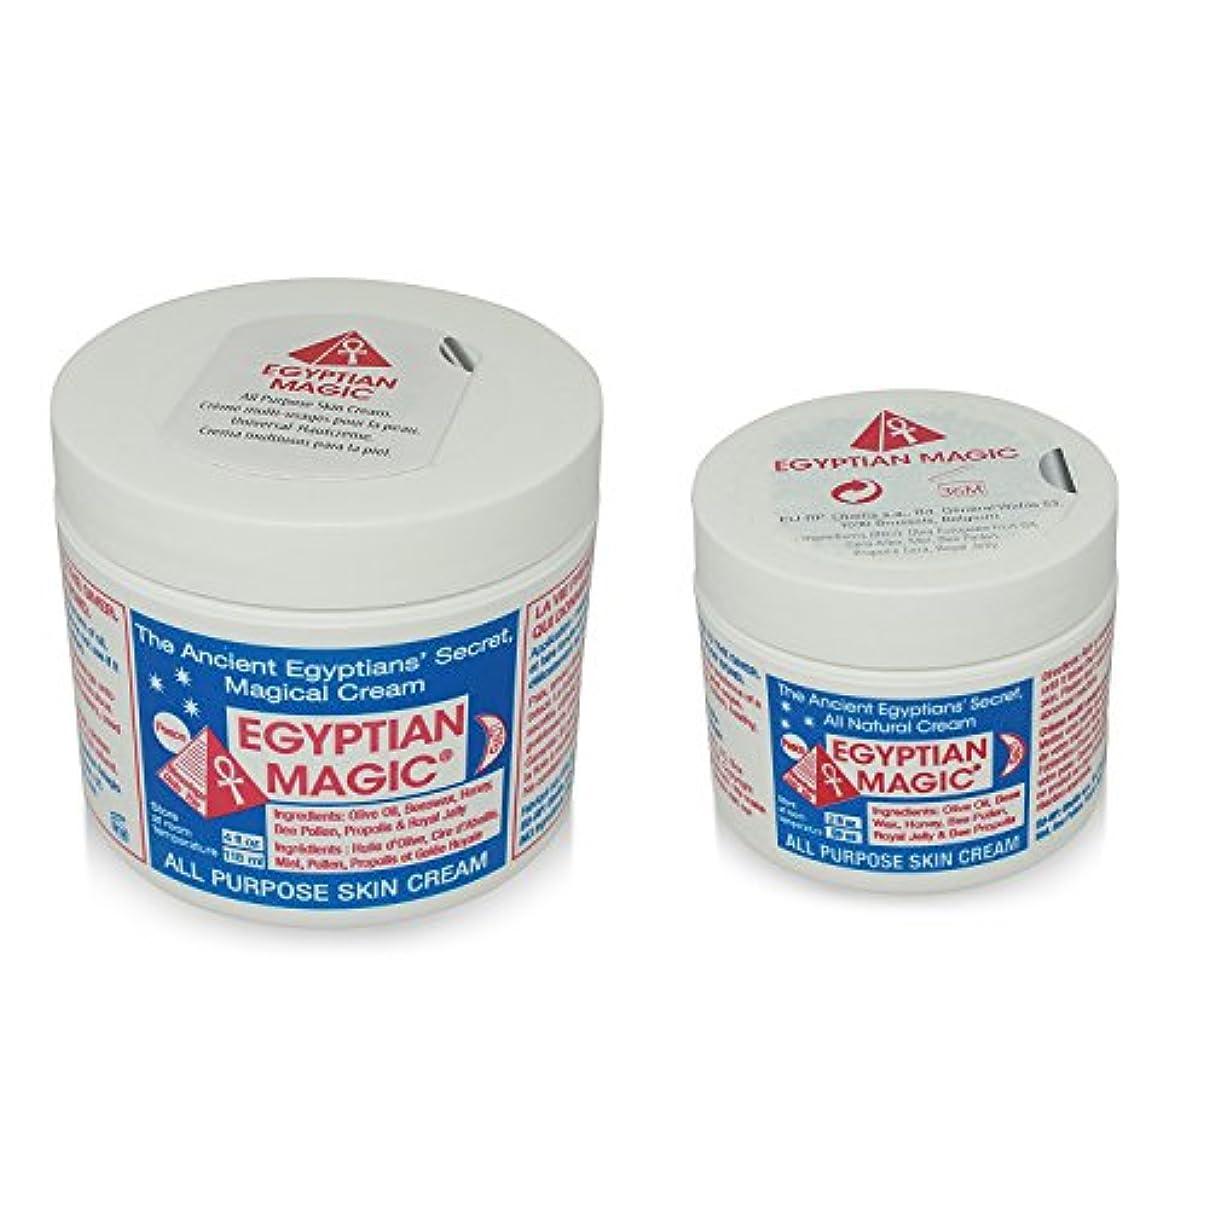 エピソードスマートこどもの日Egyptian Magic Skin Cream エジプシャンマジッククリーム  (118ml)と(59ml)の2個セット